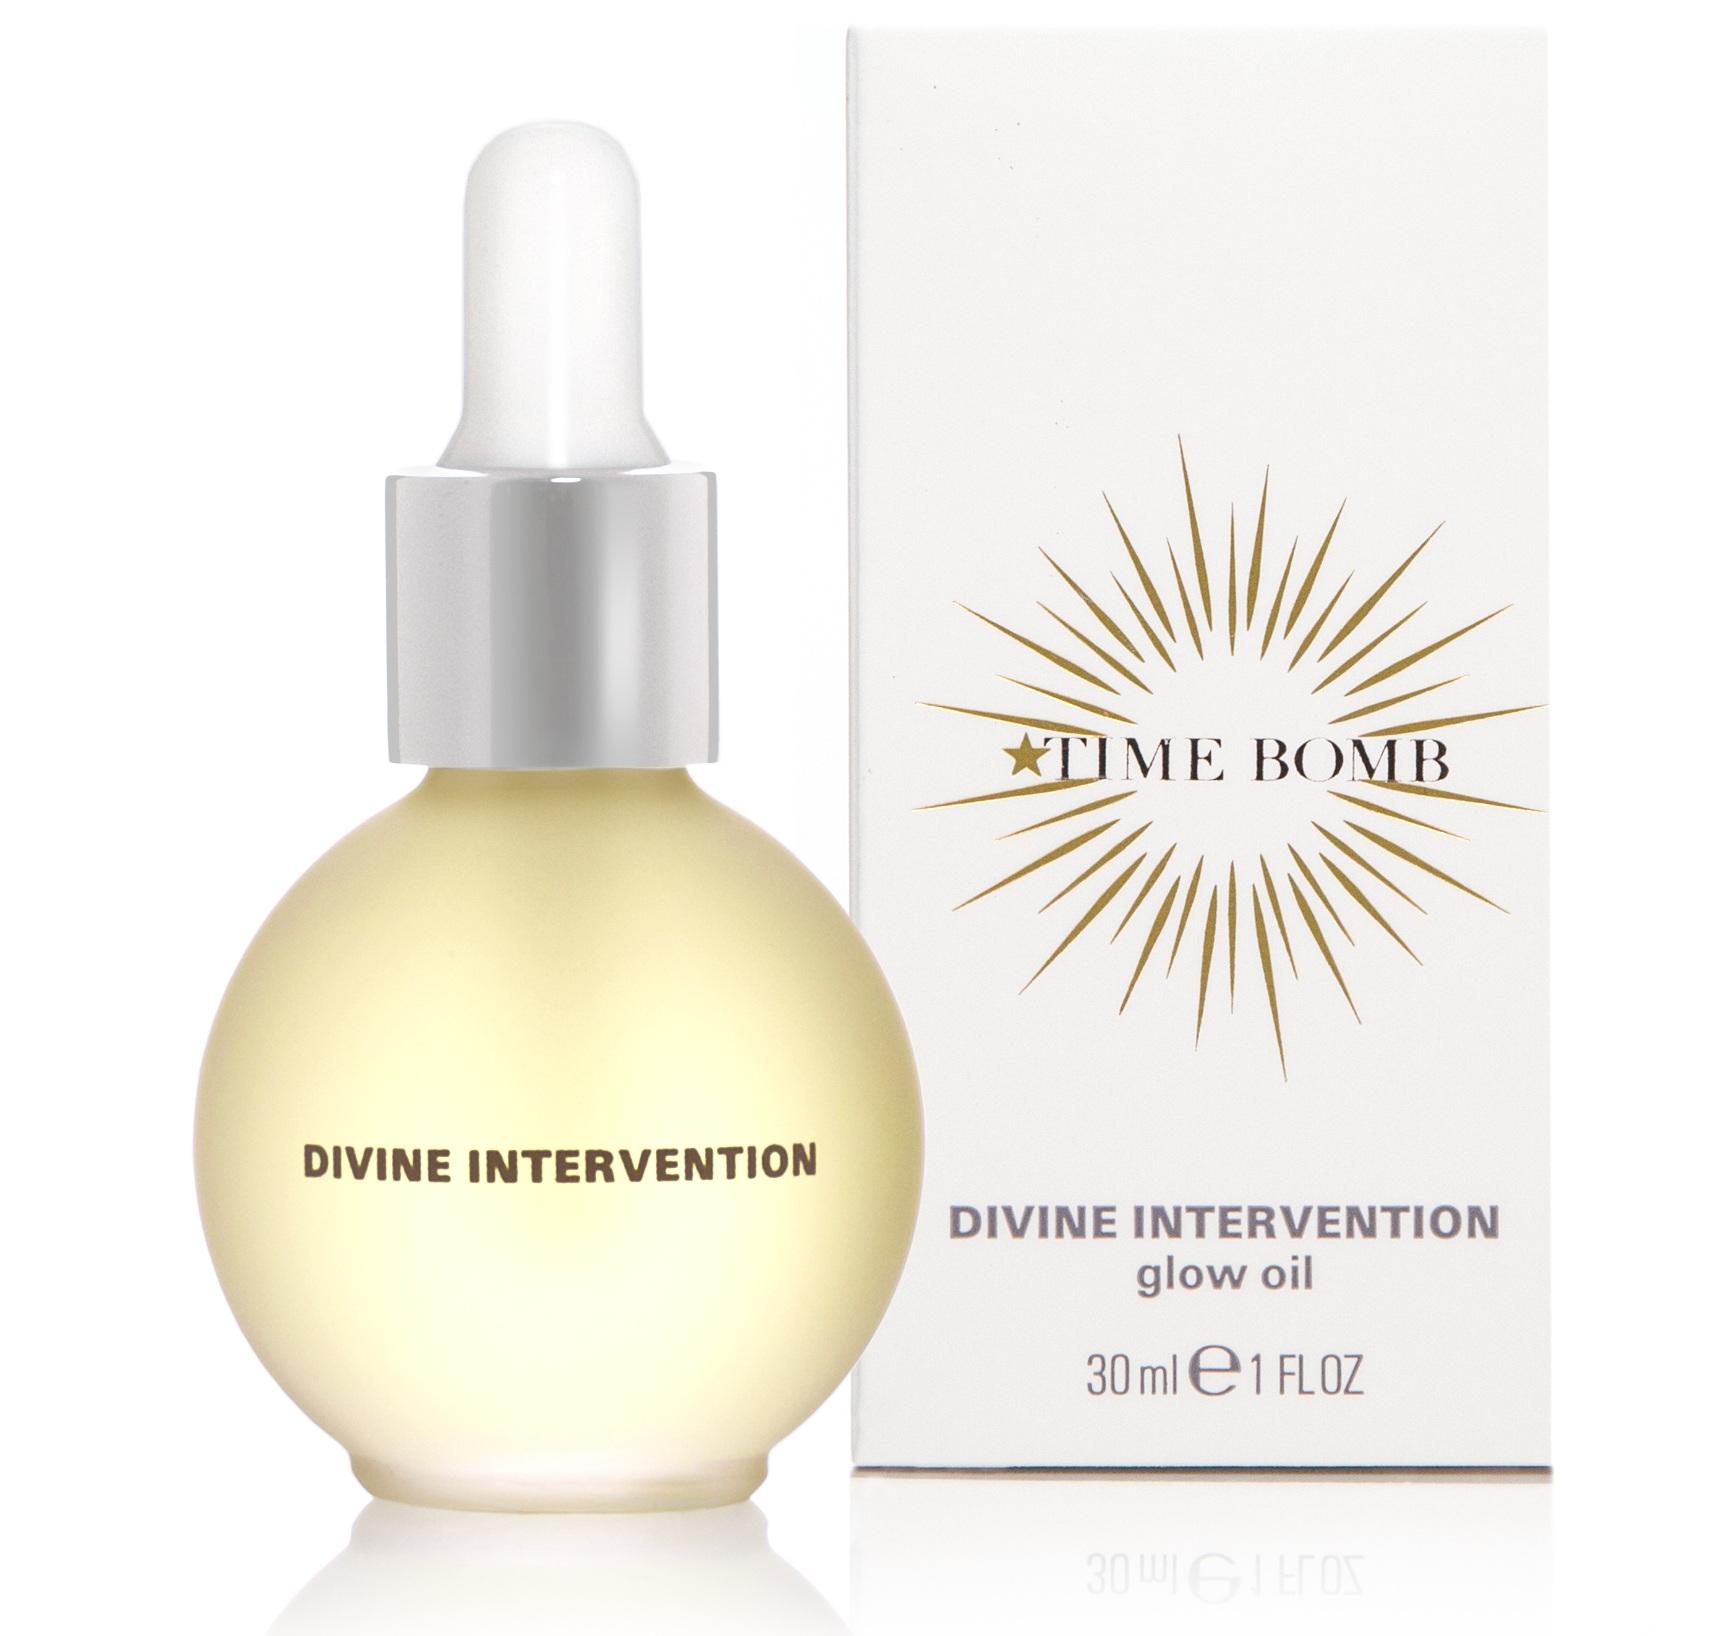 Divine+Intervention.jpg